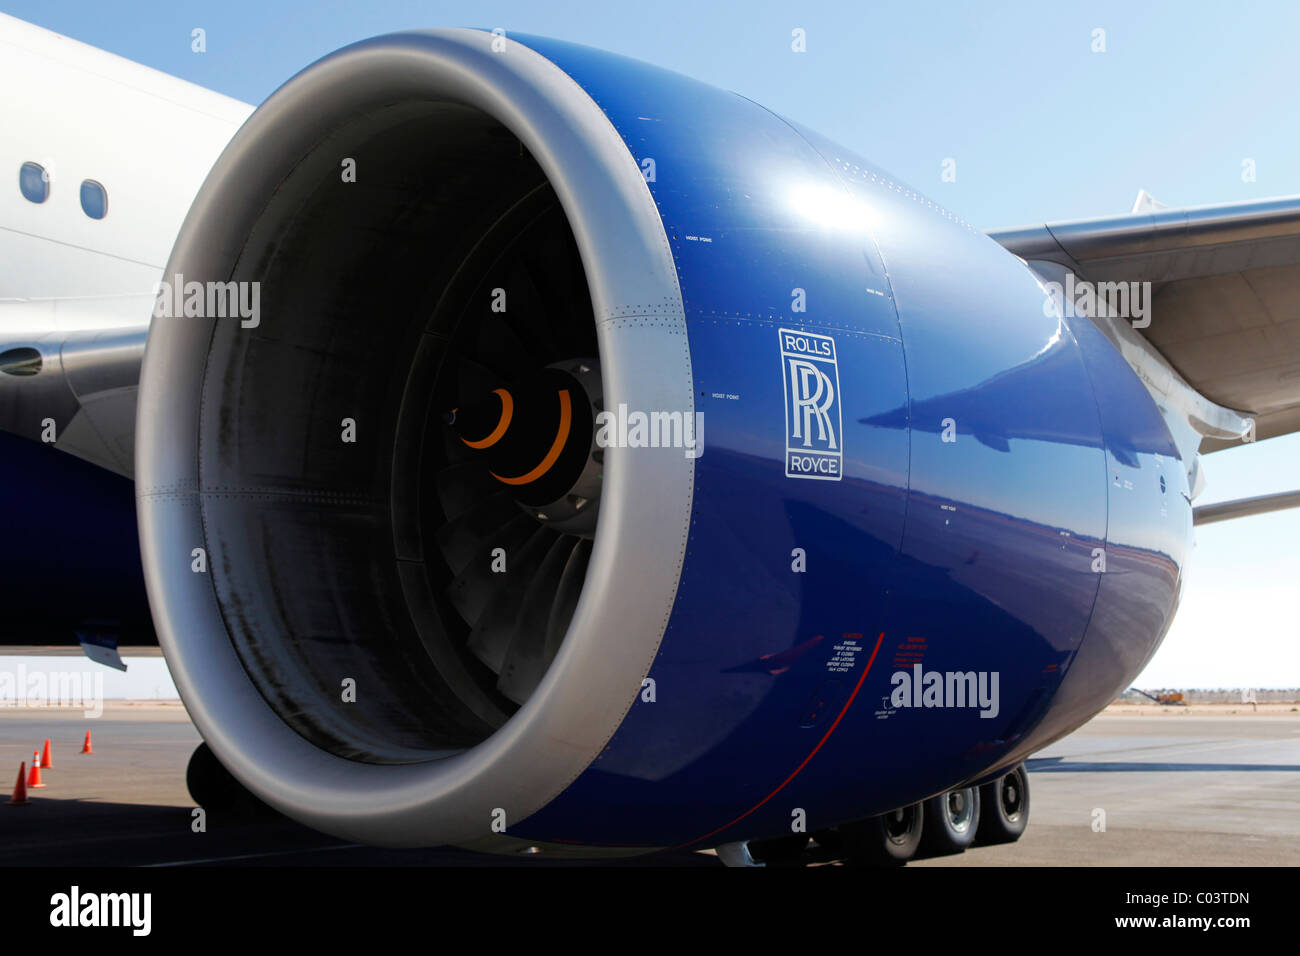 une rolls royce moteur sur un avion de ligne commerciale banque d 39 images photo stock 34505793. Black Bedroom Furniture Sets. Home Design Ideas